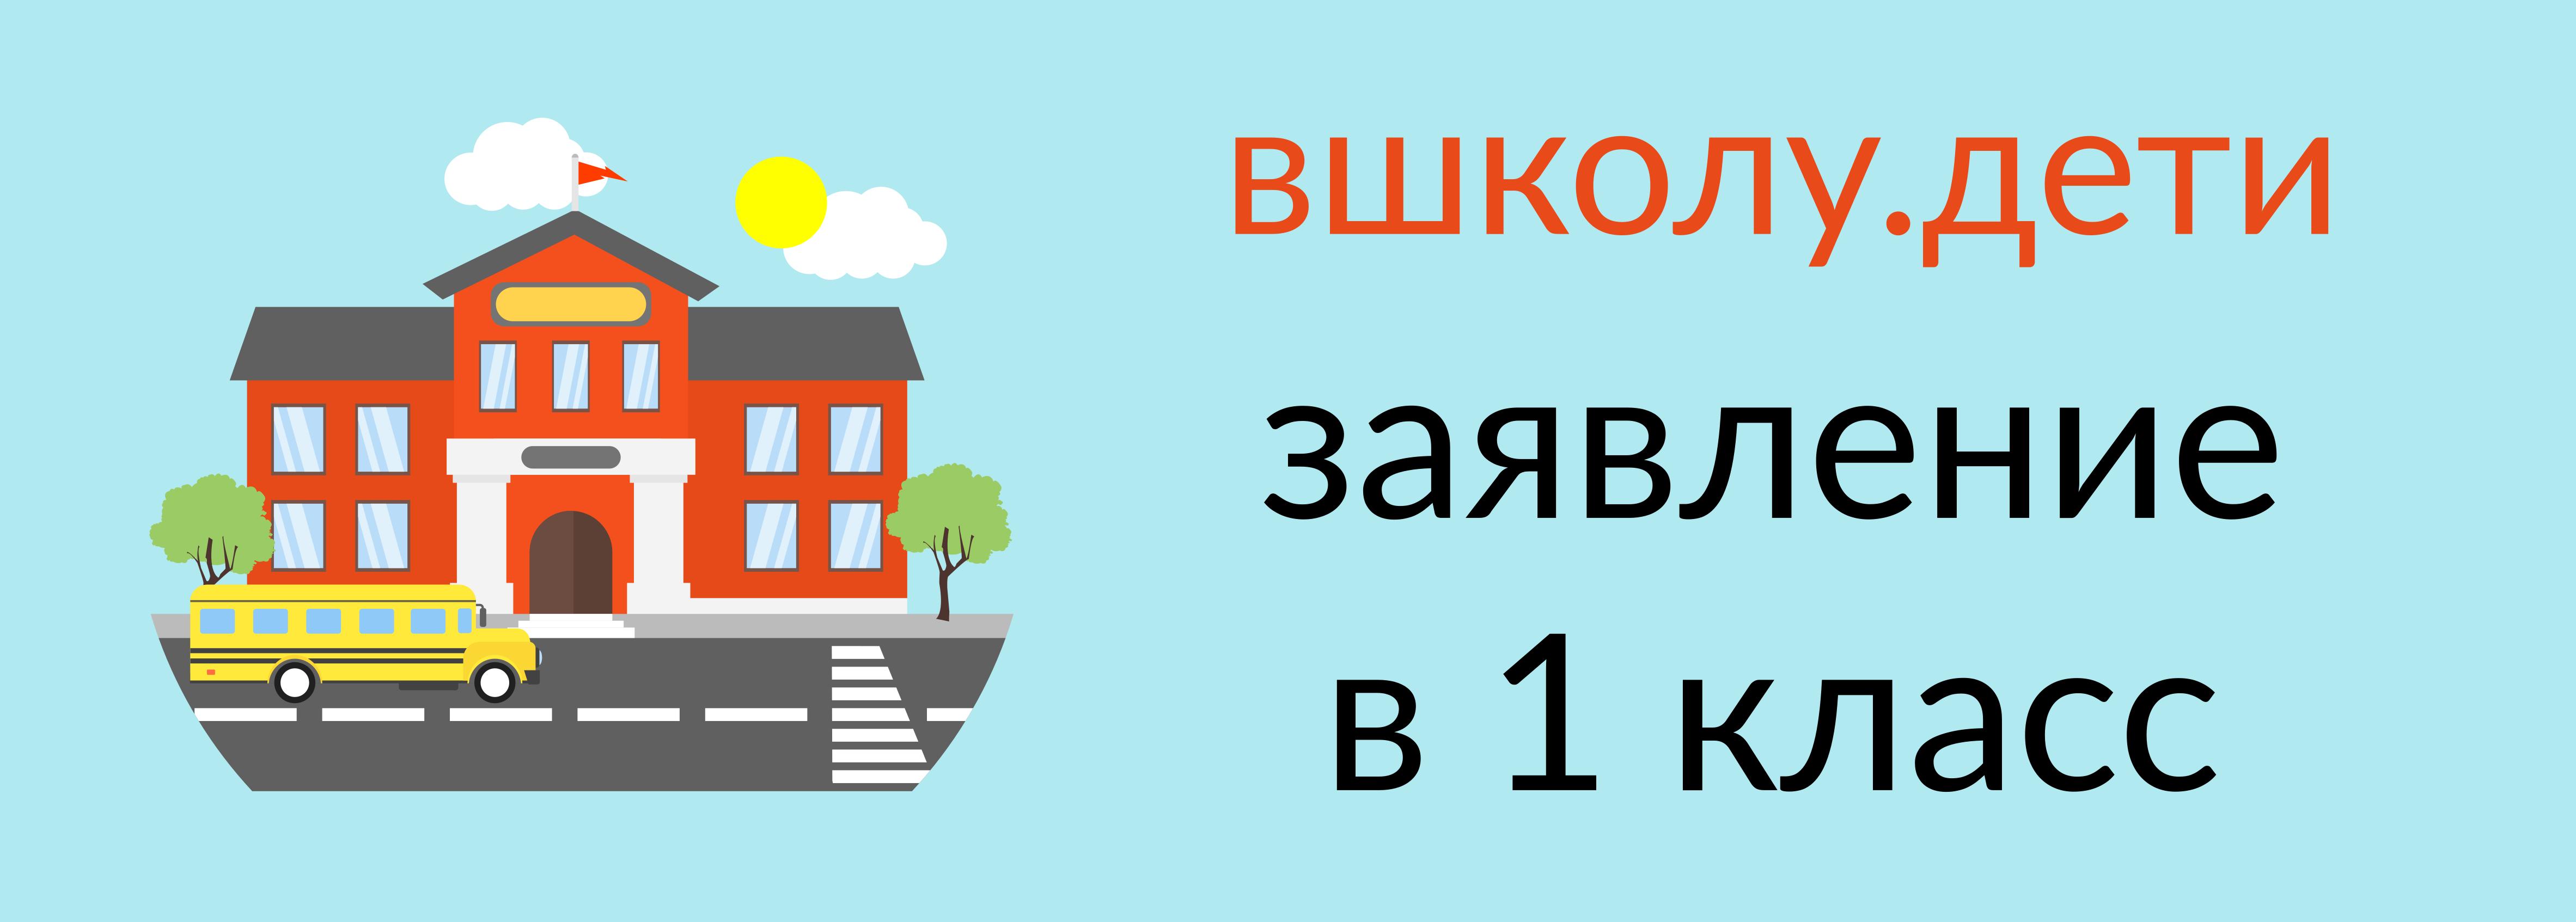 Портал образовательных услуг Алтайского края